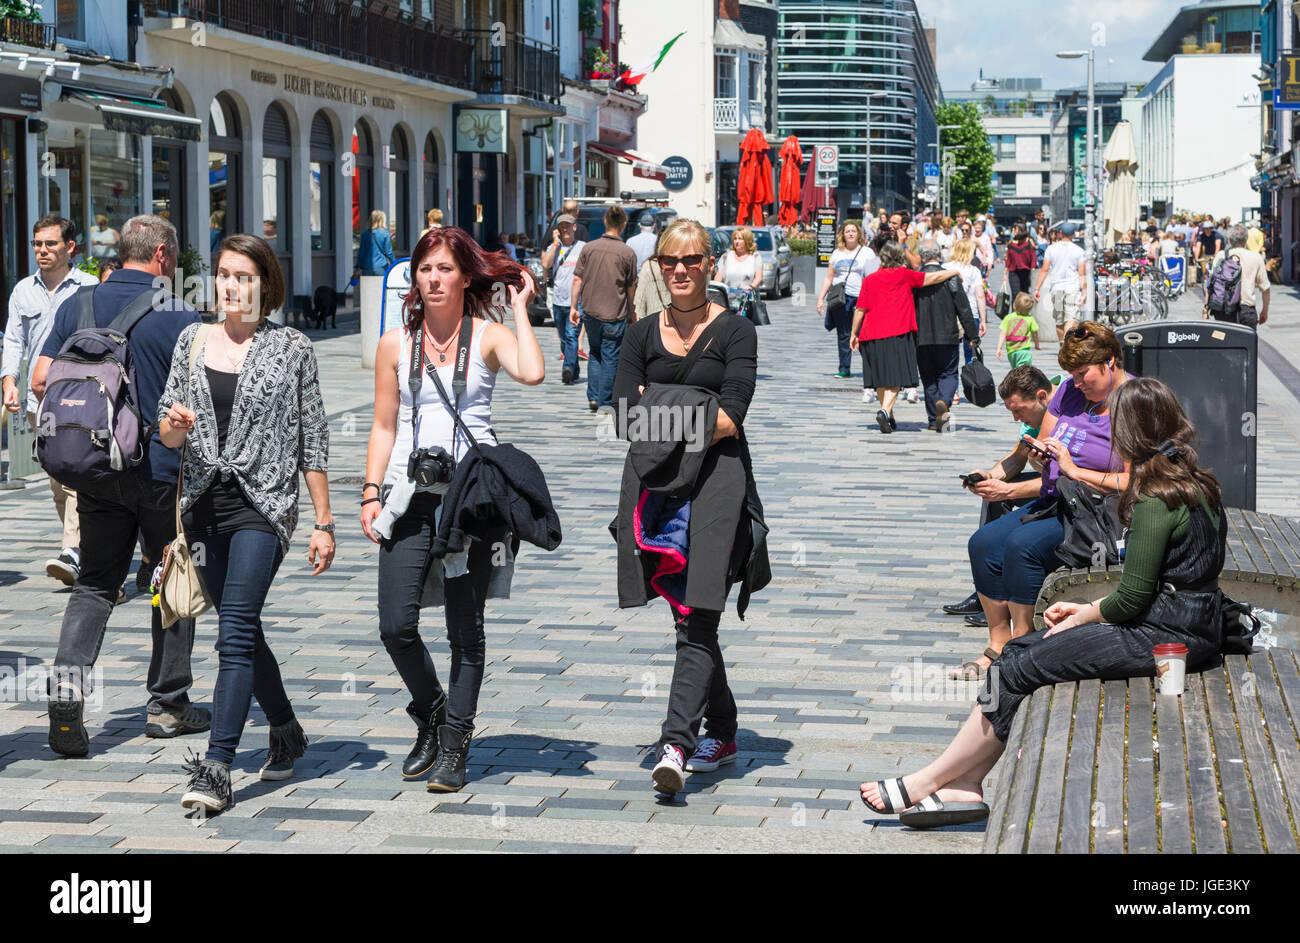 Las hembras jóvenes amigos y otras personas caminando en una única zona peatonal en el Reino Unido. Imagen De Stock